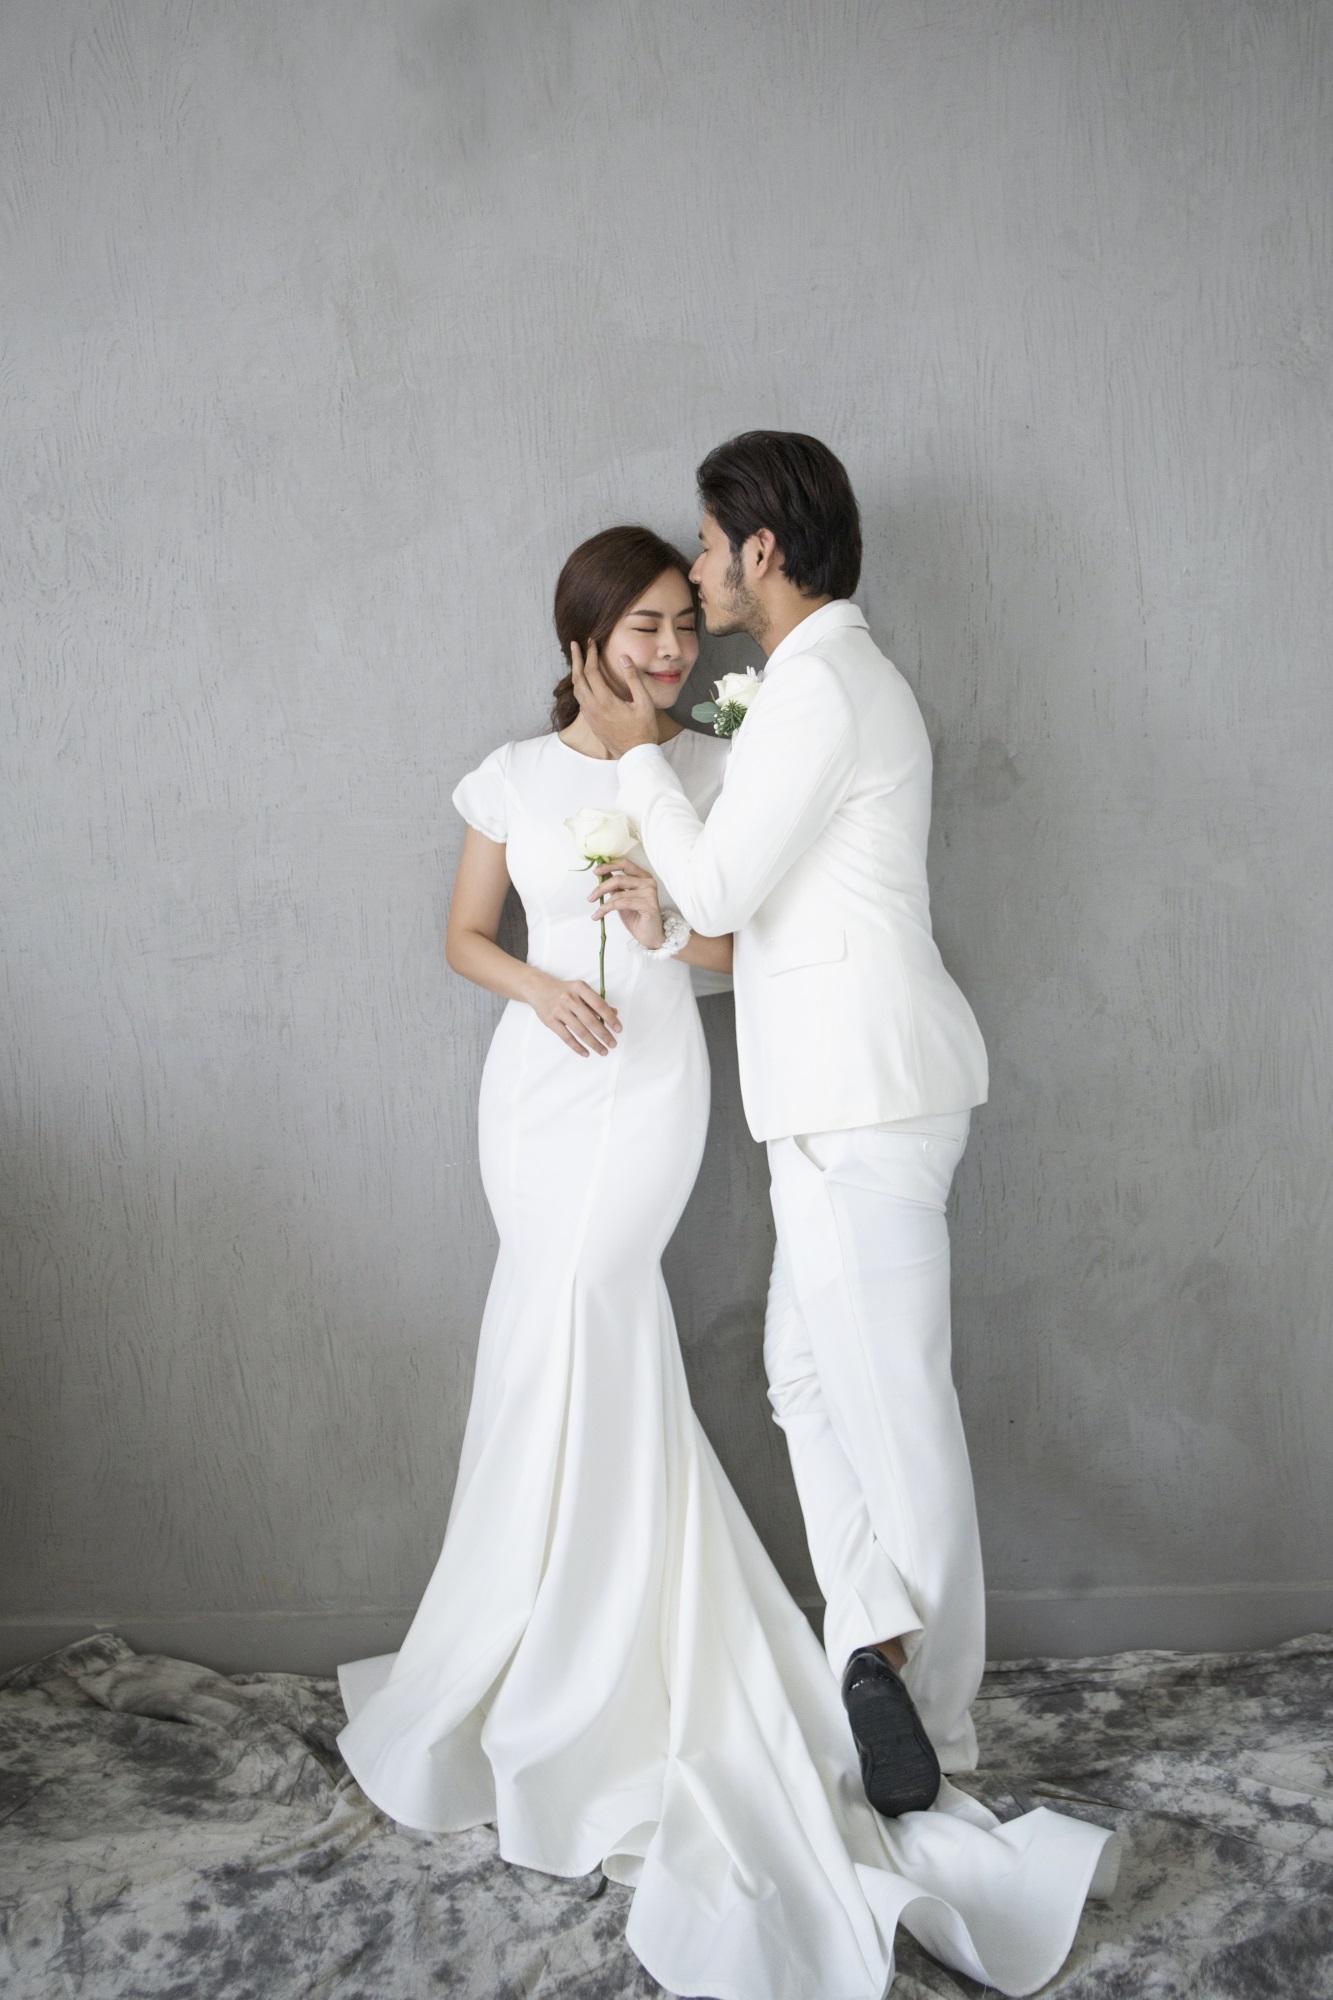 Diễn viên Gạo nếp gạo tẻ 'khoá môi' bạn trai ngọt ngào trong ảnh cưới - Ảnh 2